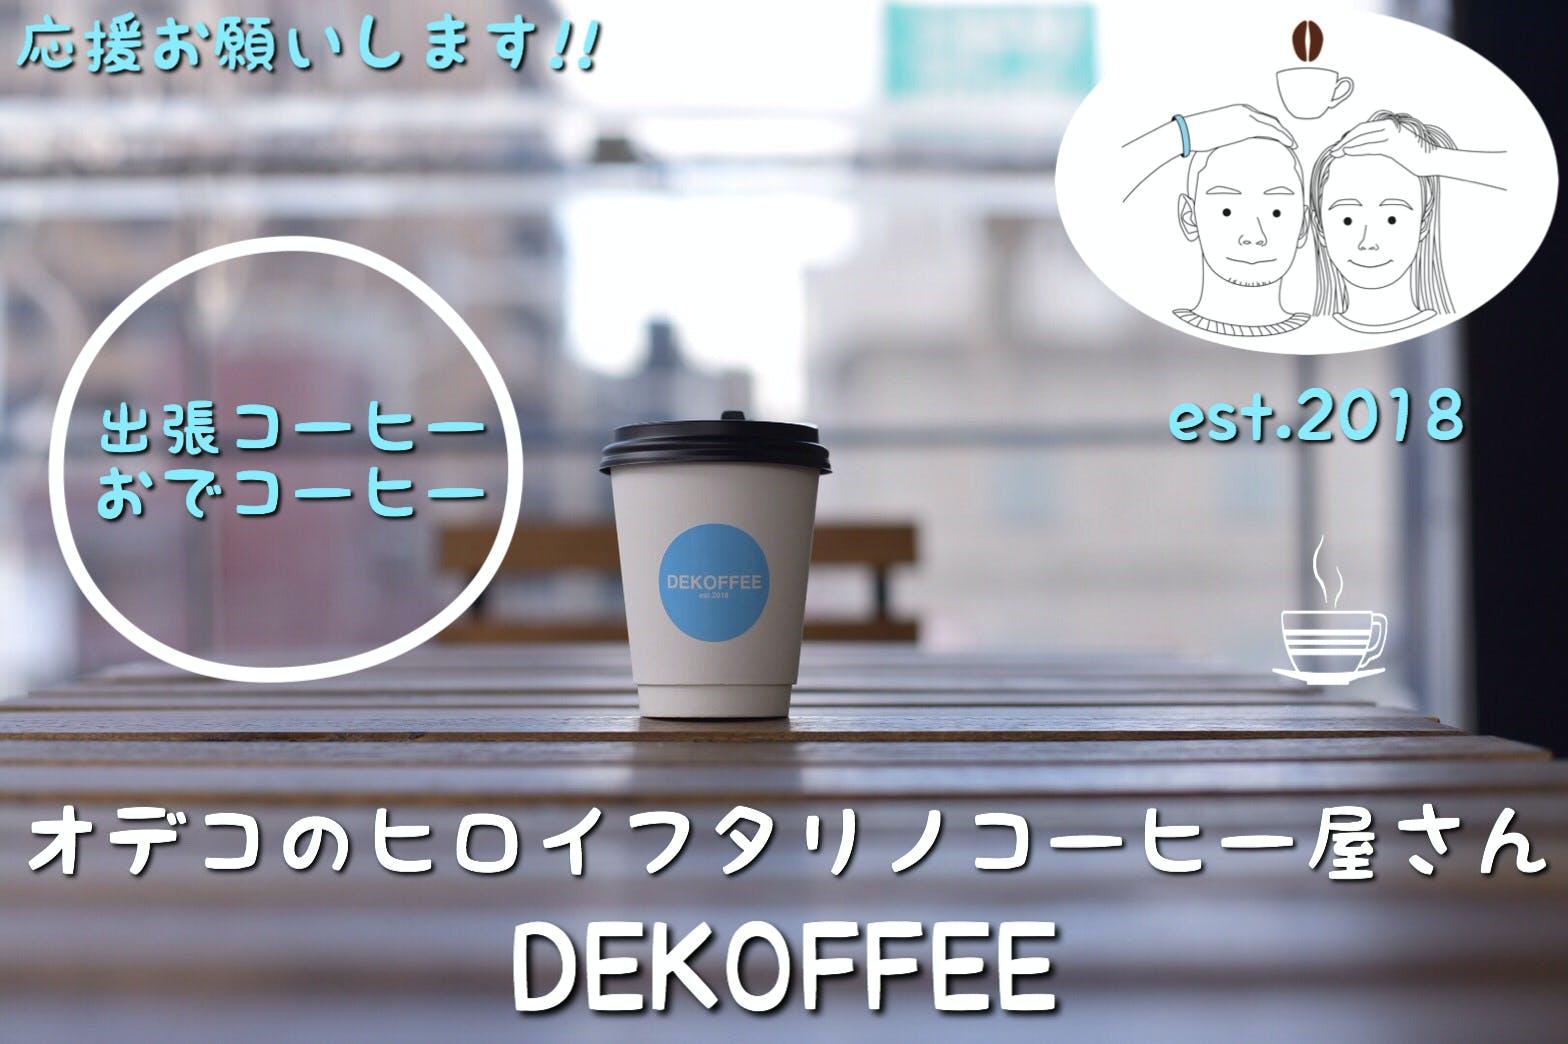 >> おデコの広いフタリのコーヒー屋さん「DEKOFFEE」を応援してください!